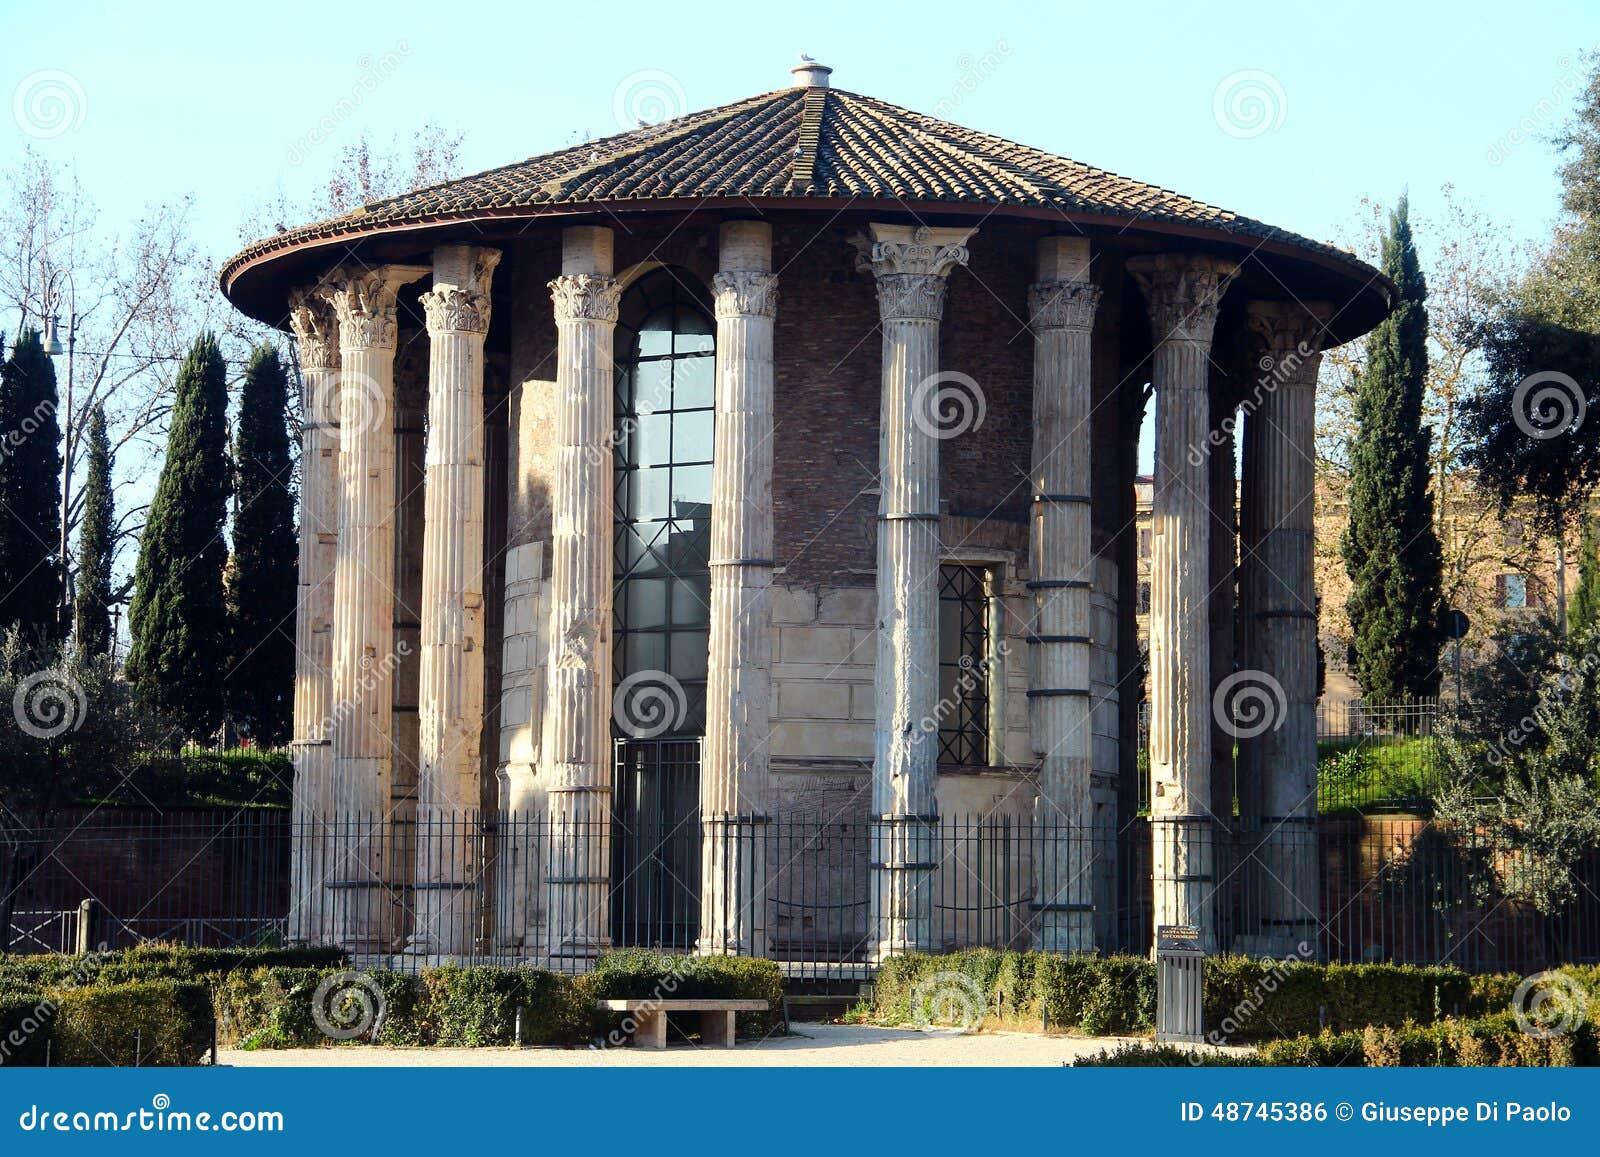 Temple Of Vesta Rome Stock Photo Image 48745386